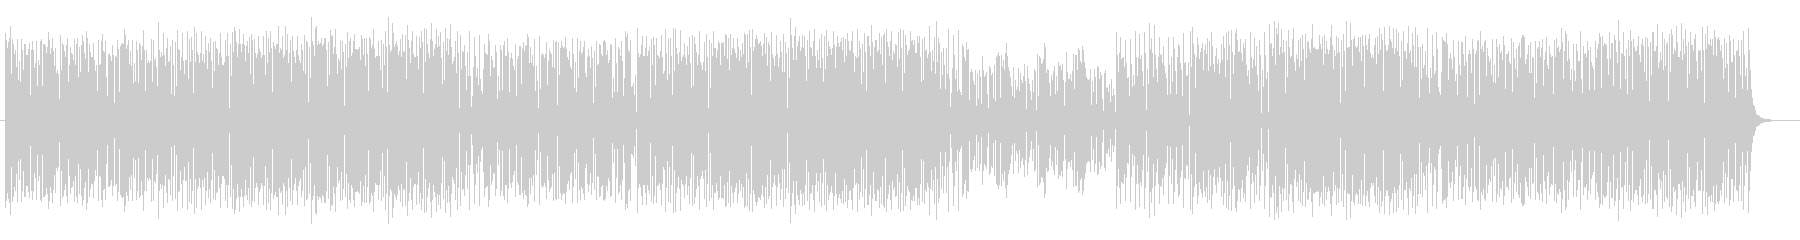 楽しくコミカルなシンセサイザーサウンドの未再生の波形